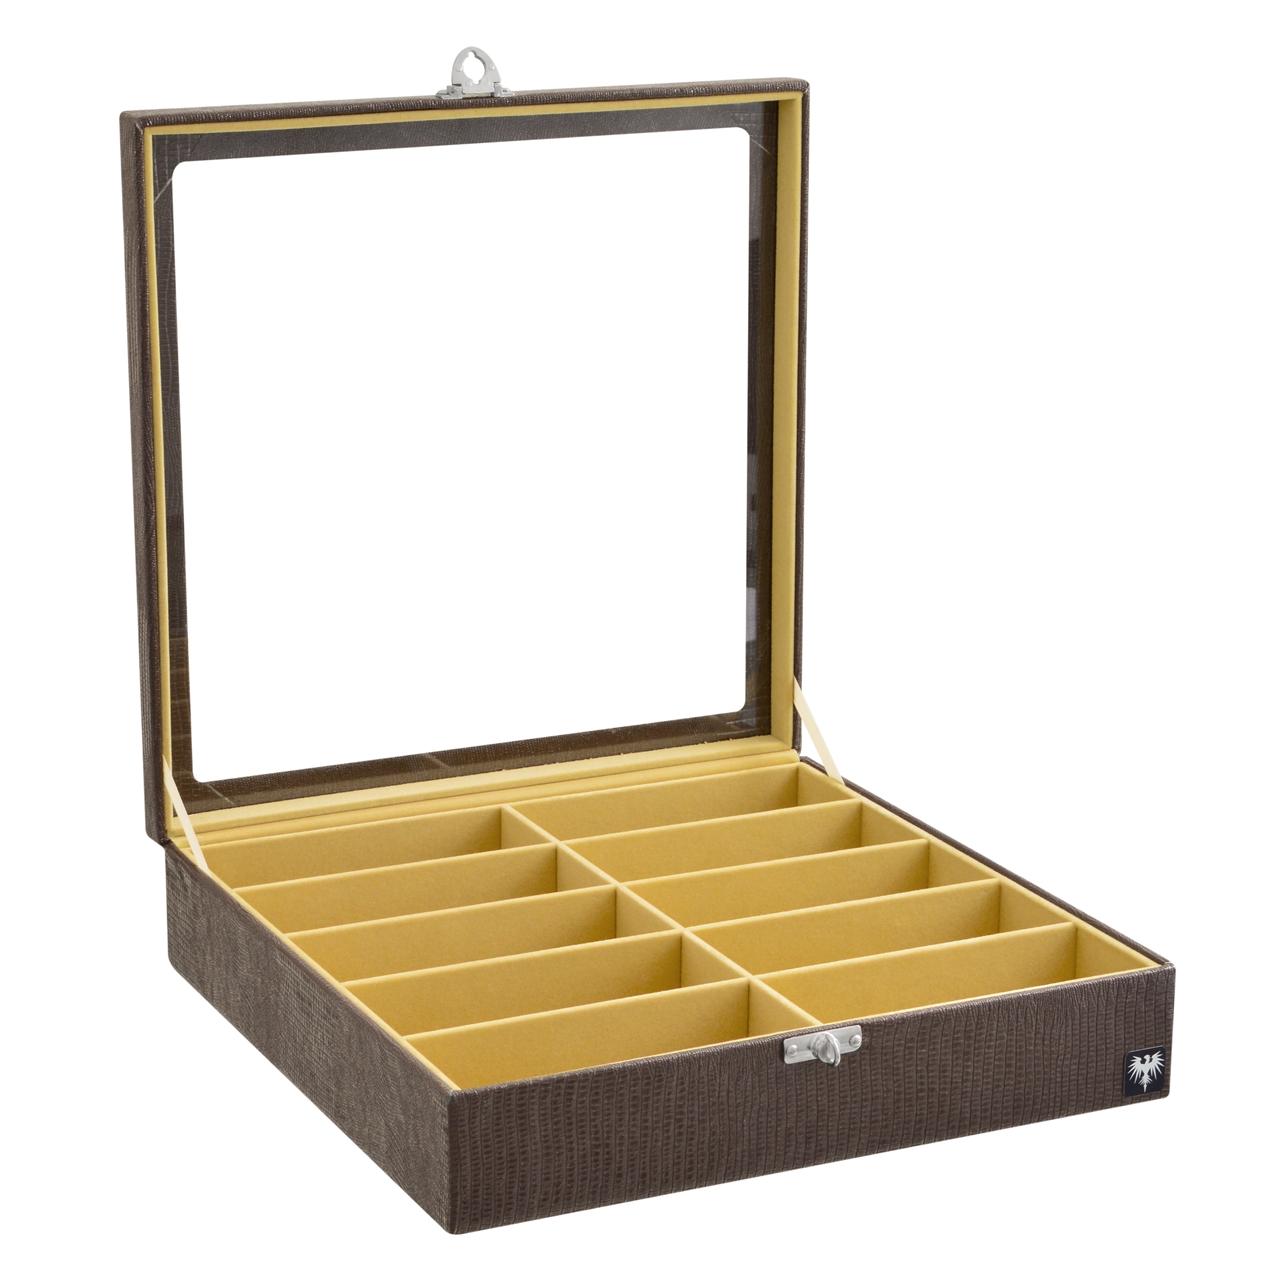 estojo-couro-ecologico-10-oculos-marrom-bege-porta-caixa-imagem-8.jpg